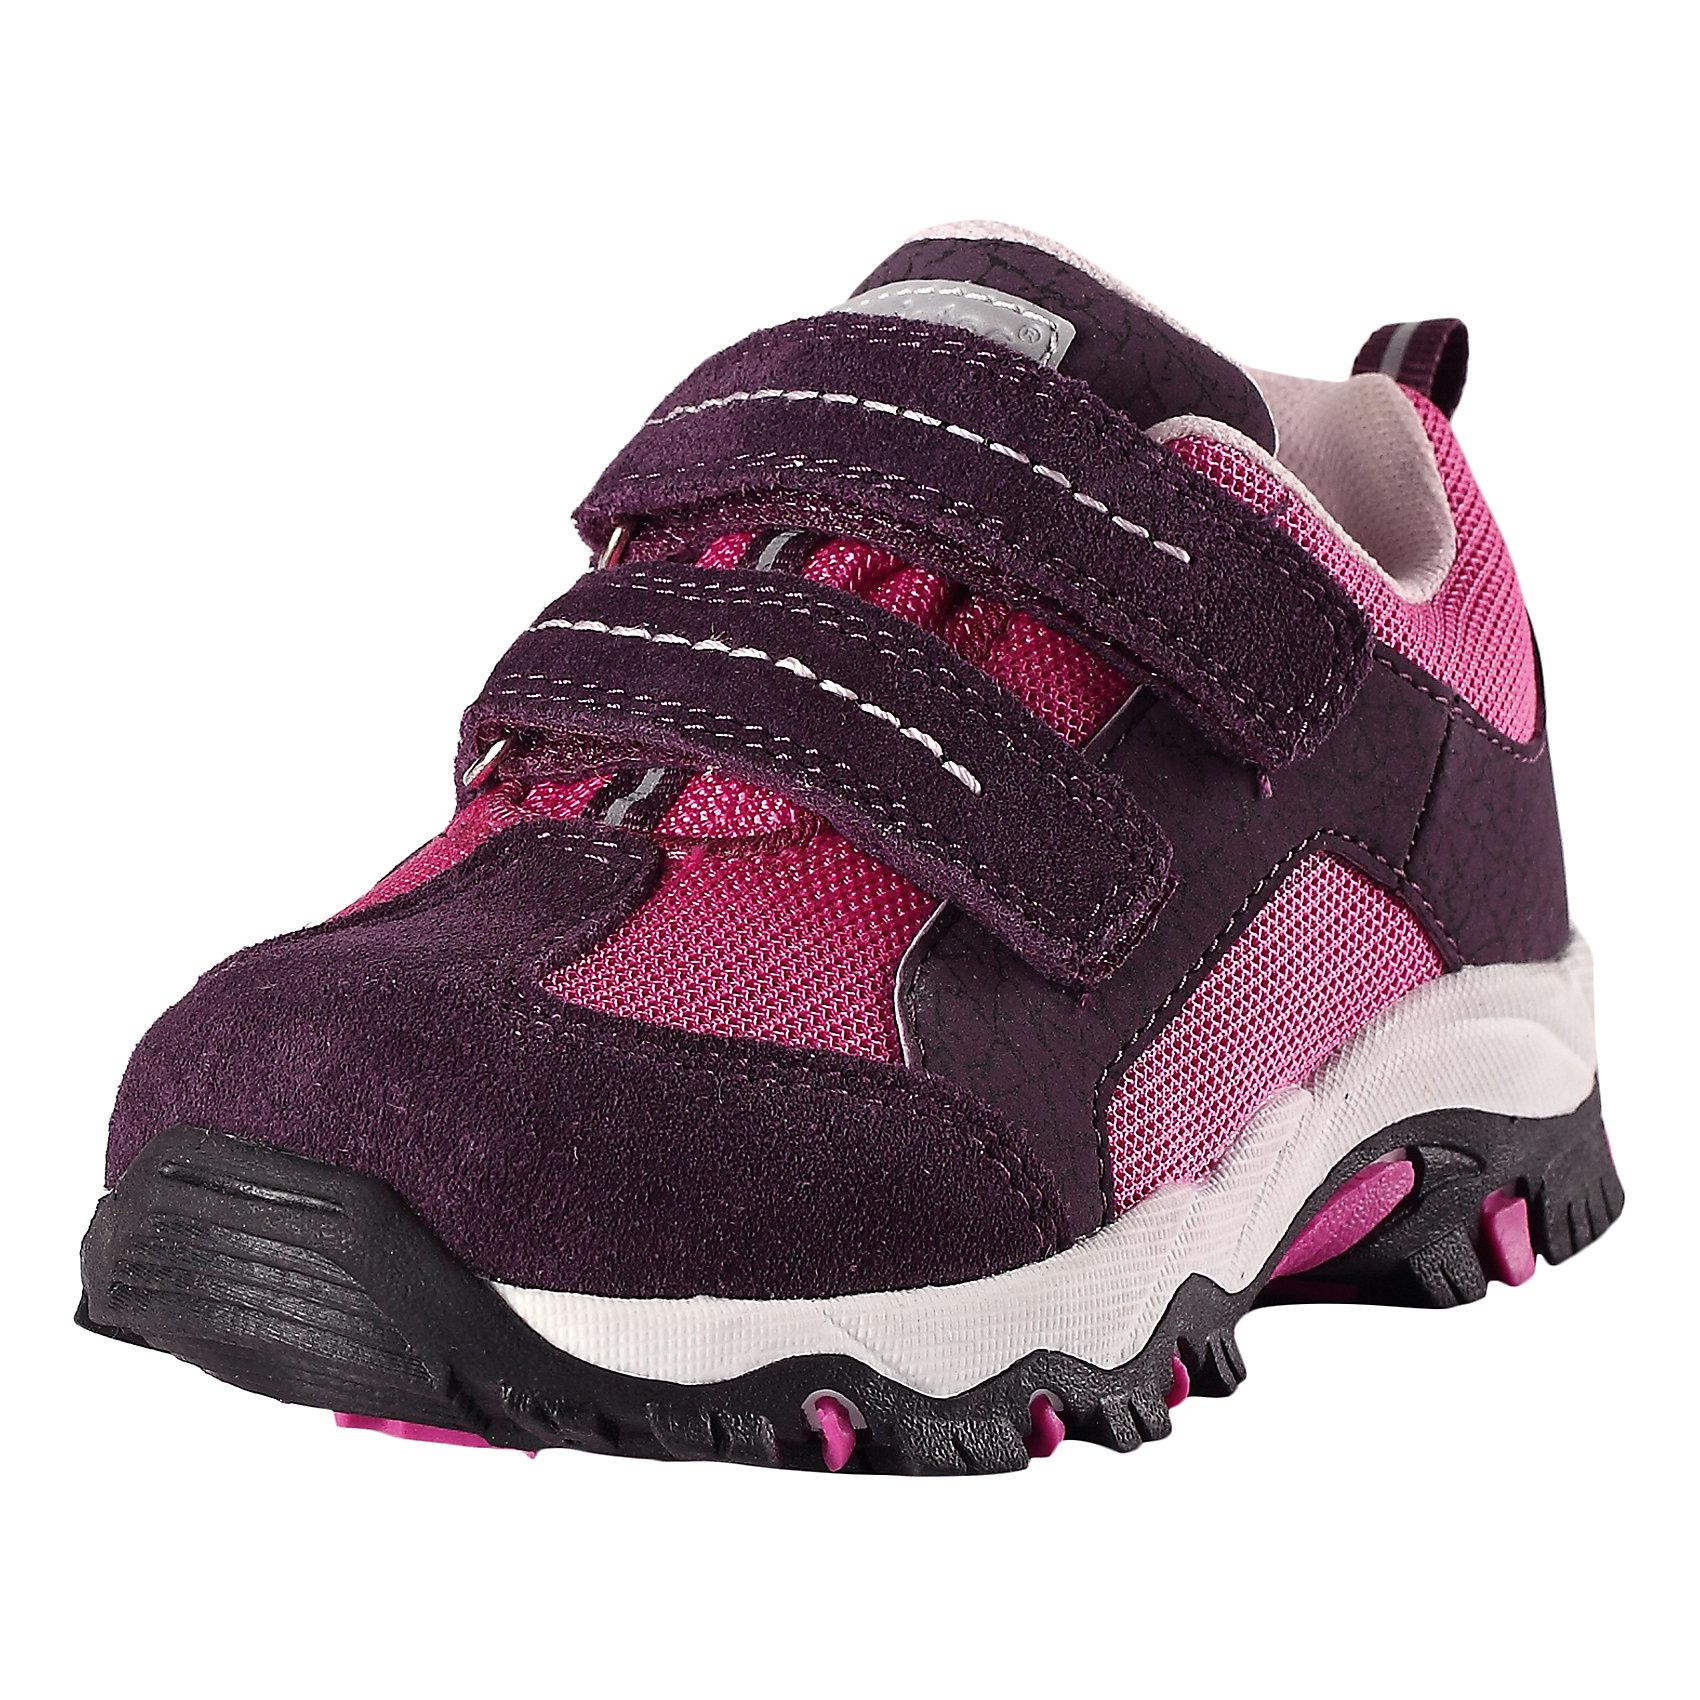 Кроссовки для девочки LASSIEКроссовки<br>Характеристики товара:<br><br>• цвет: розовый<br>• состав: верх - ПЭ,ПУ/кожа, подошва - резина термопластичная<br>• застежка: липучка<br>• мягкая текстильная подкладка<br>• усиленные пятка и носок<br>• съемные стельки<br>• светоотражающие детали<br>• страна производства: Китай<br>• страна бренда: Финляндия<br>• коллекция: весна-лето 2017<br><br>Детская обувь может быть модной и комфортной одновременно! Удобные стильные кроссовки помогут обеспечить ребенку комфорт и дополнить наряд. Они отлично смотрятся с различной одеждой. Кроссовки удобно сидят на ноге и аккуратно смотрятся. Легко чистятся и долго служат. Продуманная конструкция разрабатывалась специально для детей.<br><br>Обувь и одежда от финского бренда LASSIE пользуются популярностью во многих странах. Они стильные, качественные и удобные. Для производства продукции используются только безопасные, проверенные материалы и фурнитура. Порадуйте ребенка модными и красивыми вещами от Lassie®! <br><br>Кроссовки для девочки от финского бренда LASSIE можно купить в нашем интернет-магазине.<br><br>Ширина мм: 262<br>Глубина мм: 176<br>Высота мм: 97<br>Вес г: 427<br>Цвет: розовый<br>Возраст от месяцев: 132<br>Возраст до месяцев: 144<br>Пол: Женский<br>Возраст: Детский<br>Размер: 35,24,31,25,26,32,27,28,33,29,30,34<br>SKU: 5263383